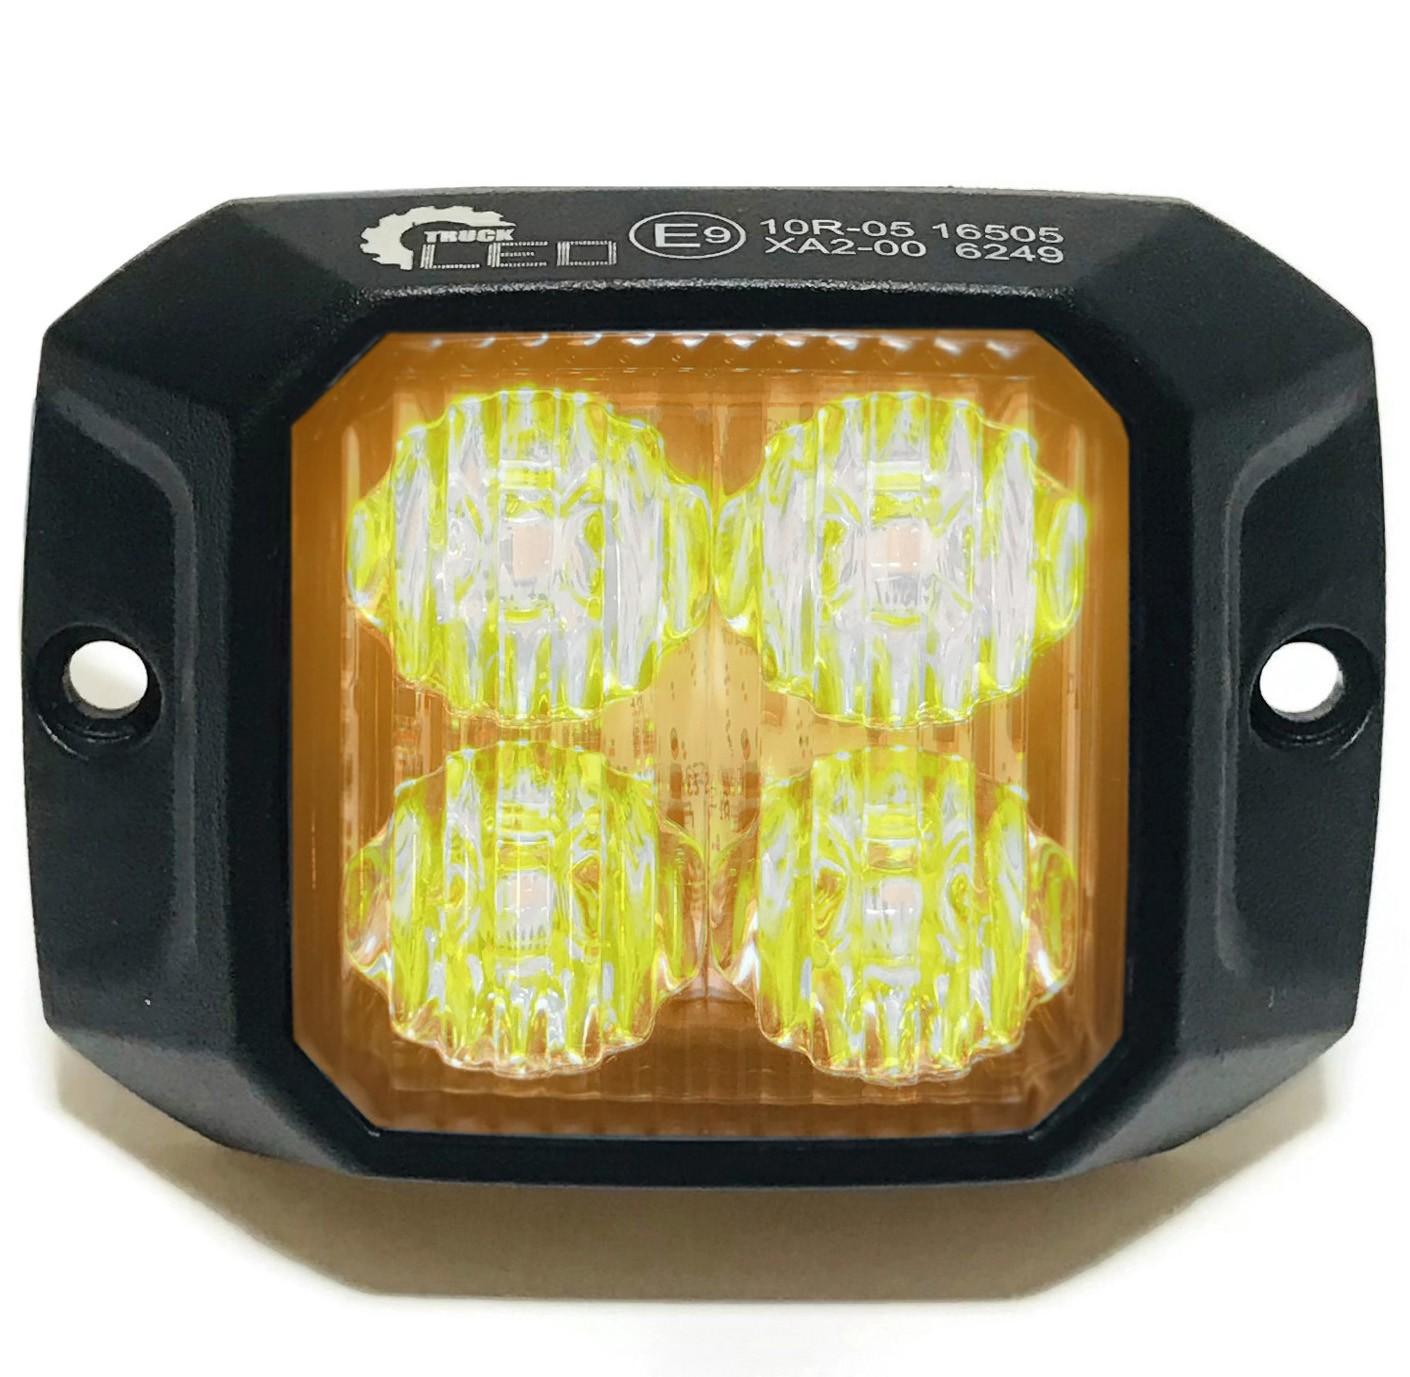 LAMPA OSTRZEGAWCZA 4 LED ŻÓŁTA STROBOSKOP KWADRAT